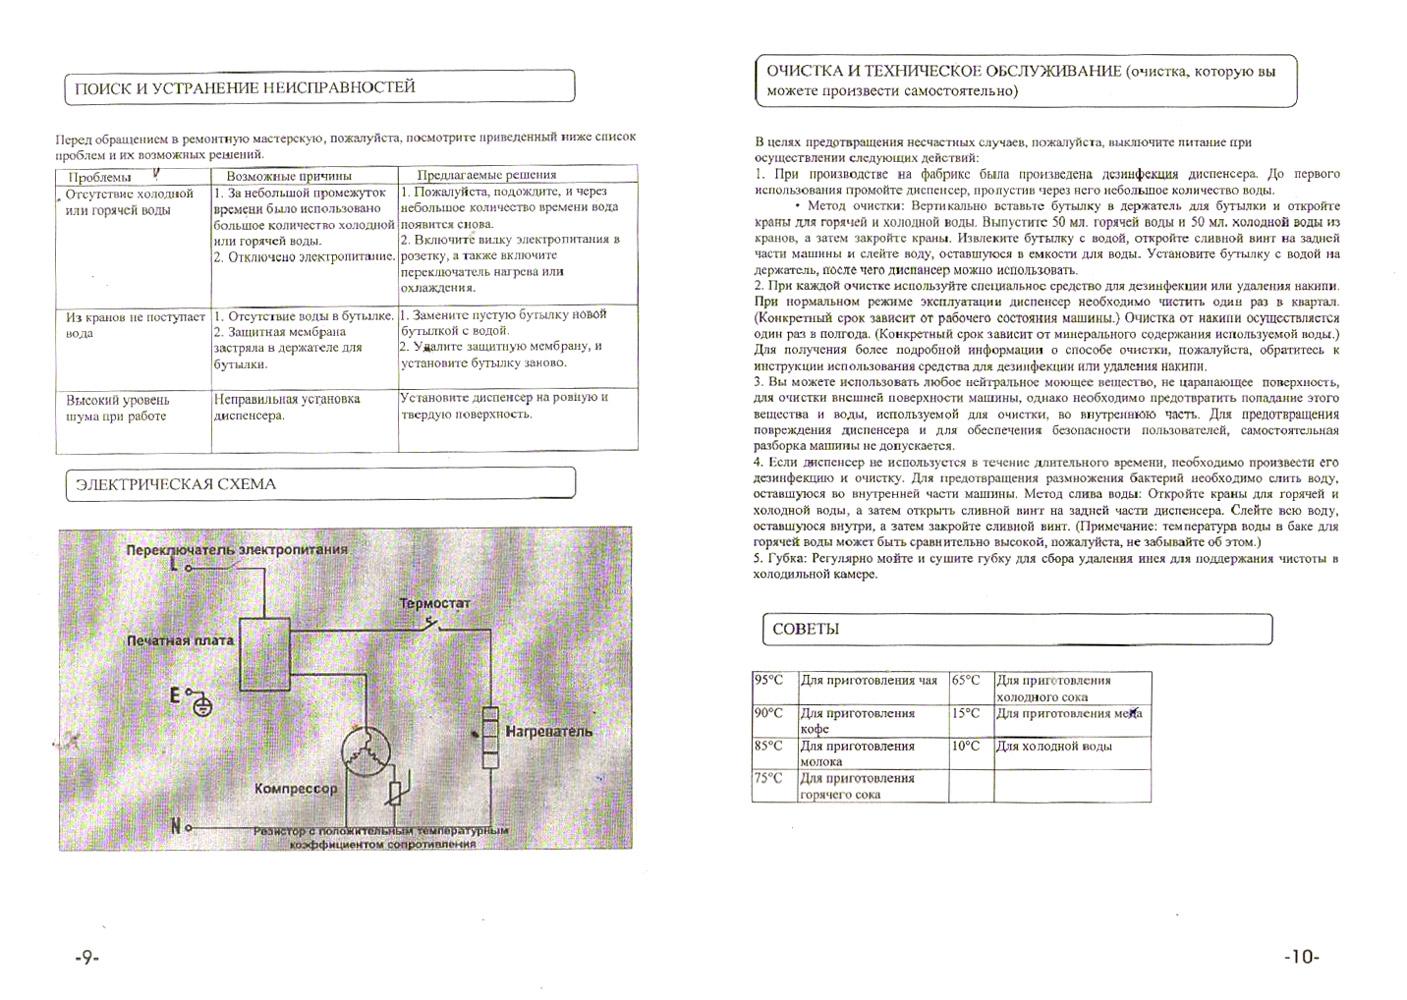 кулер Aqua Work 3-B/C паспорт